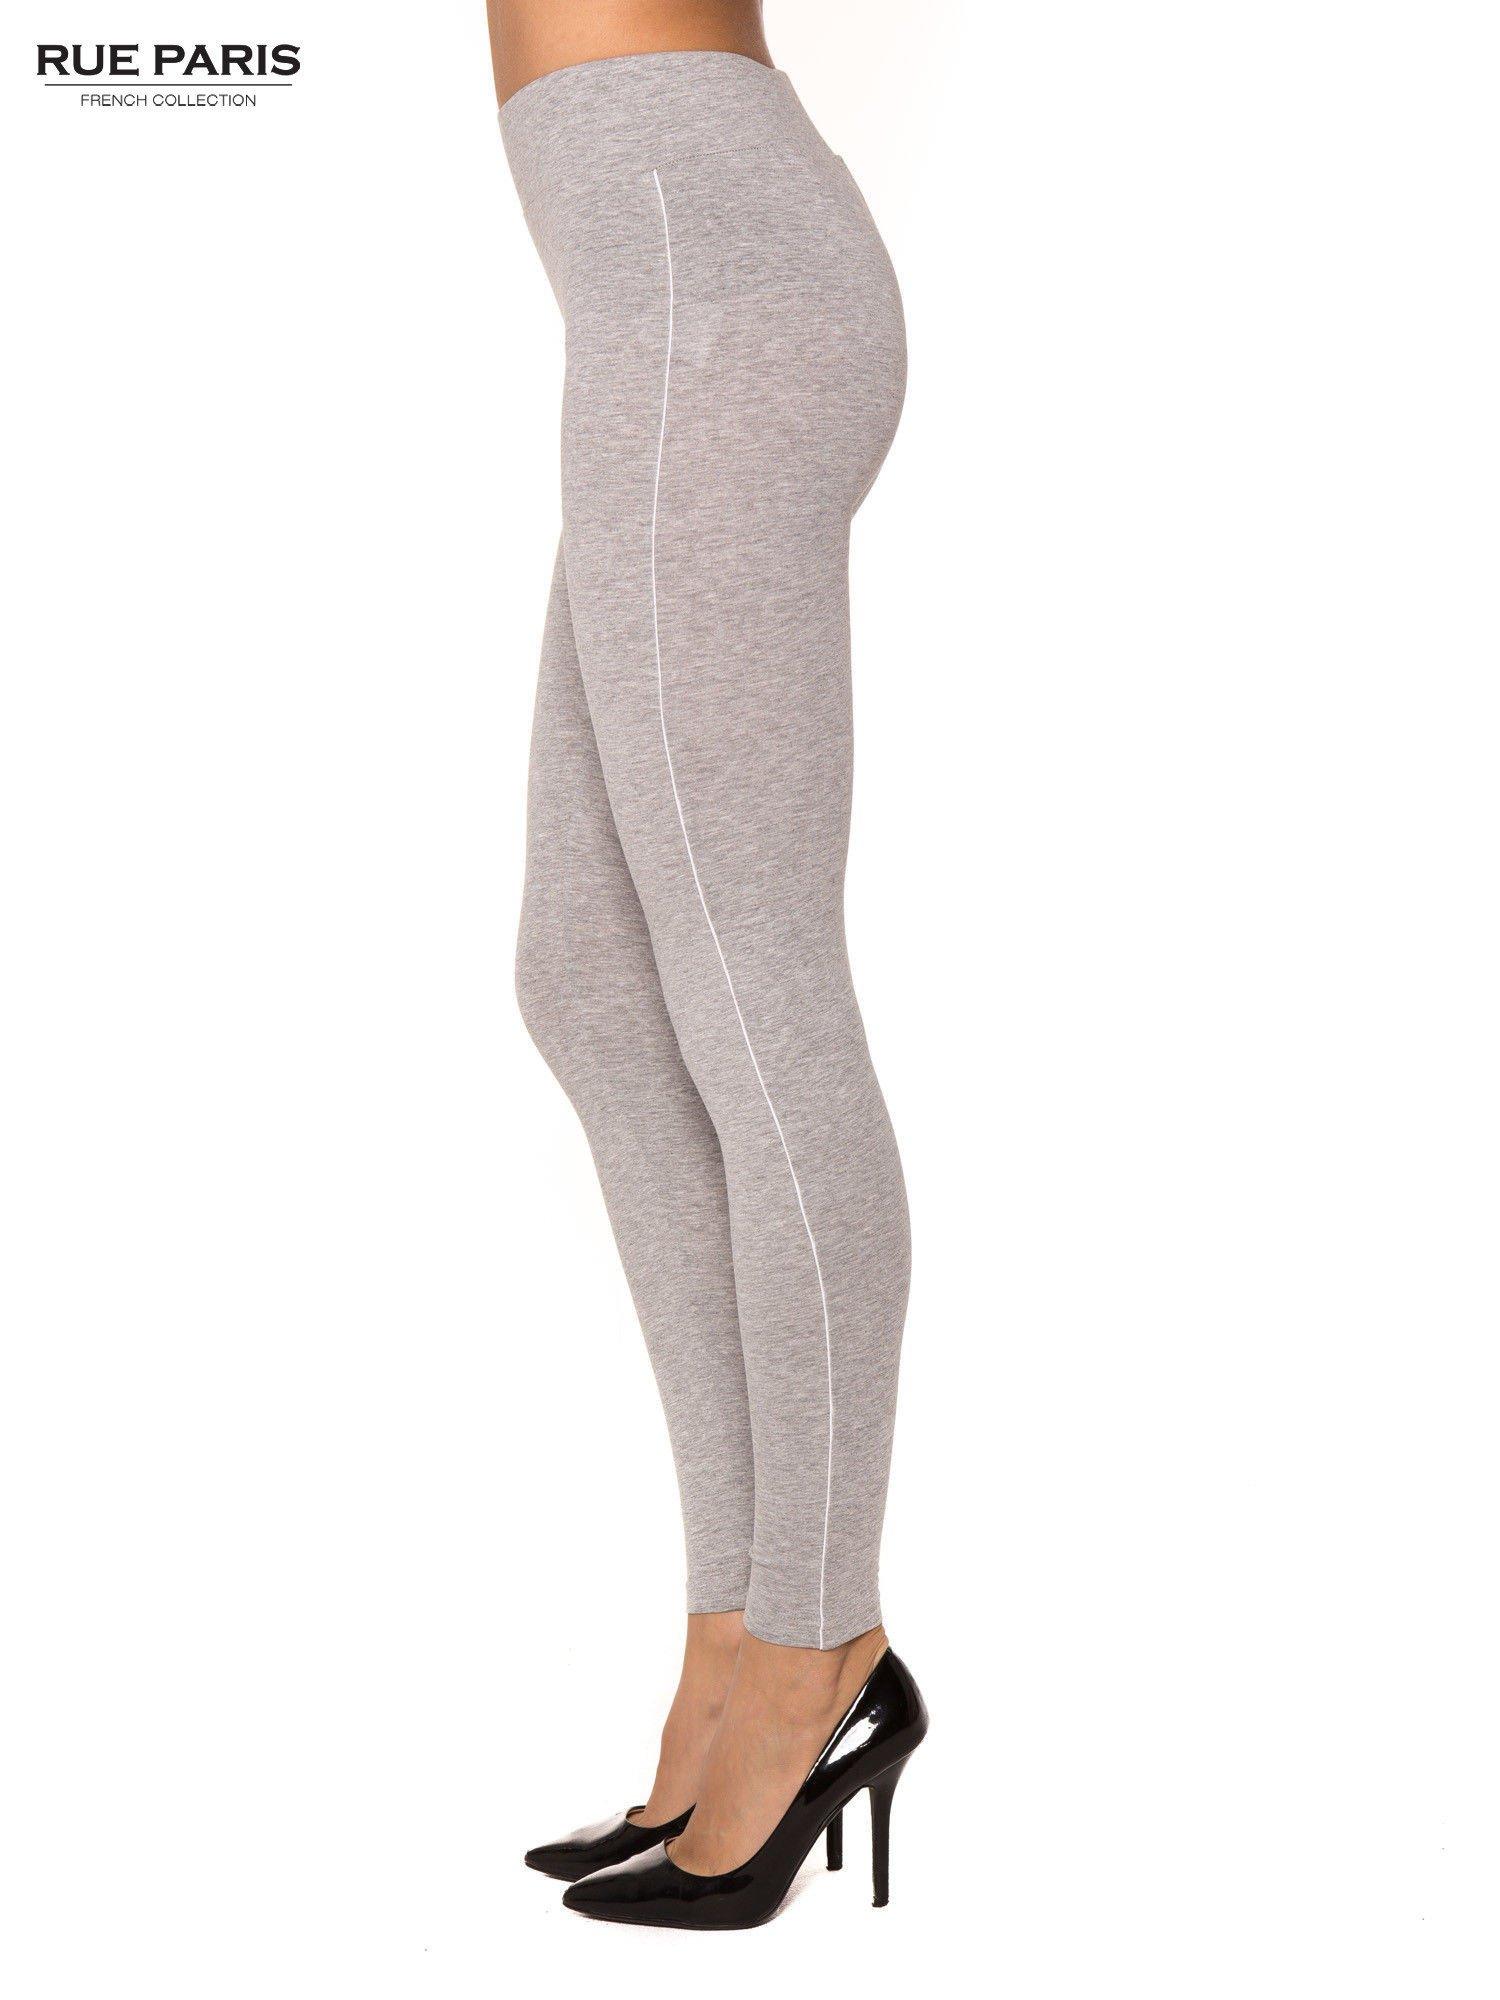 Szare bawełniane legginsy z kontrastowym pasem wzdłuż nogawki                                  zdj.                                  2